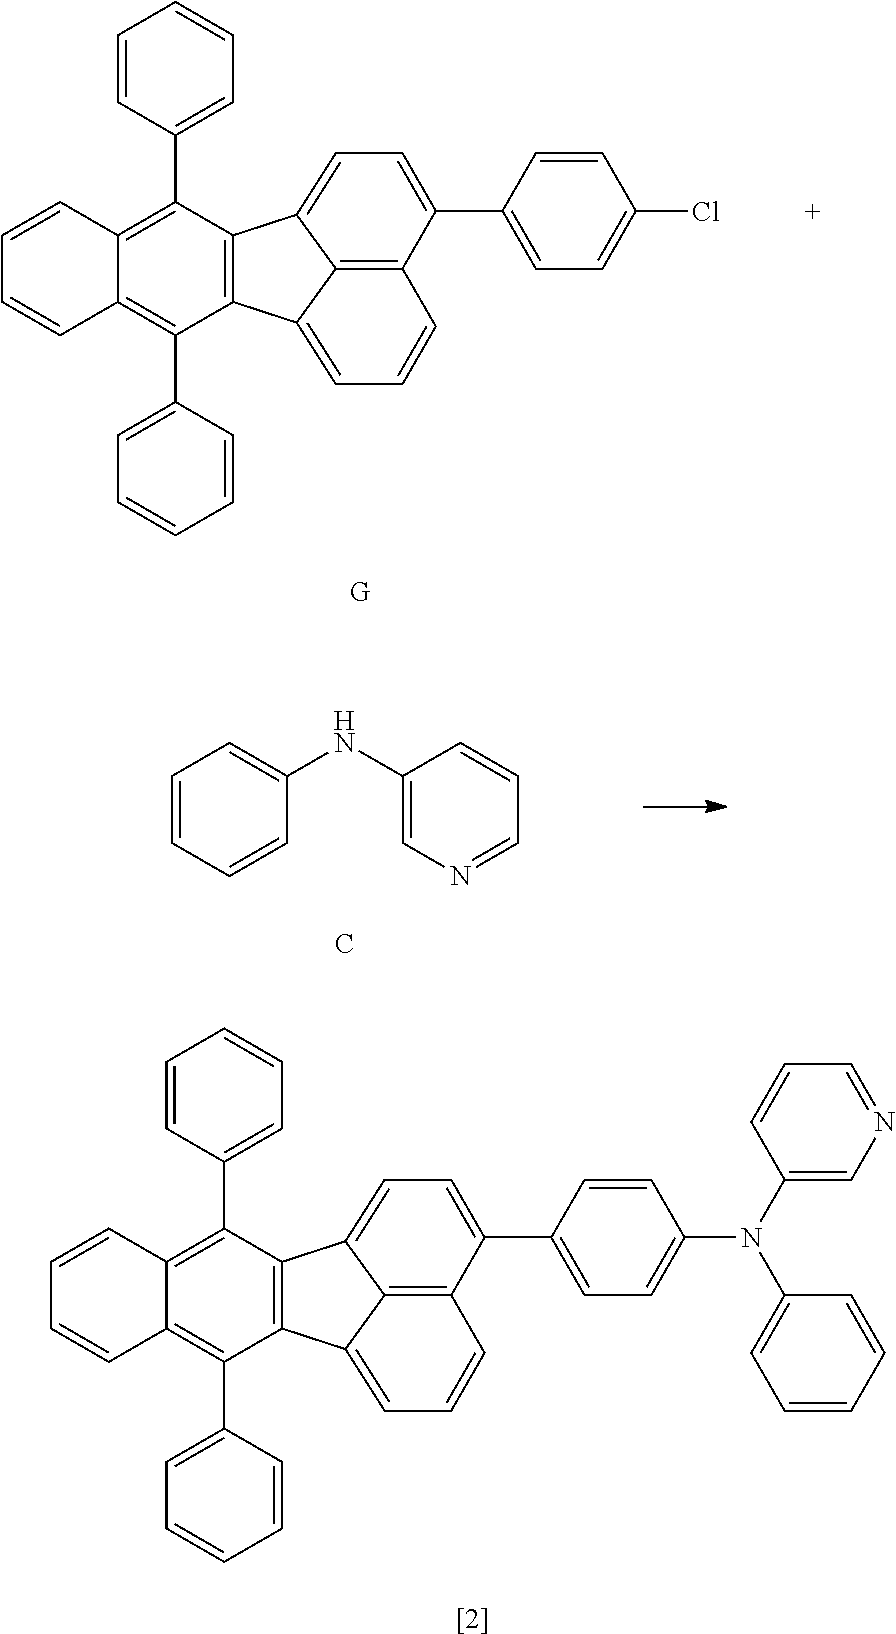 Figure US20150280139A1-20151001-C00135